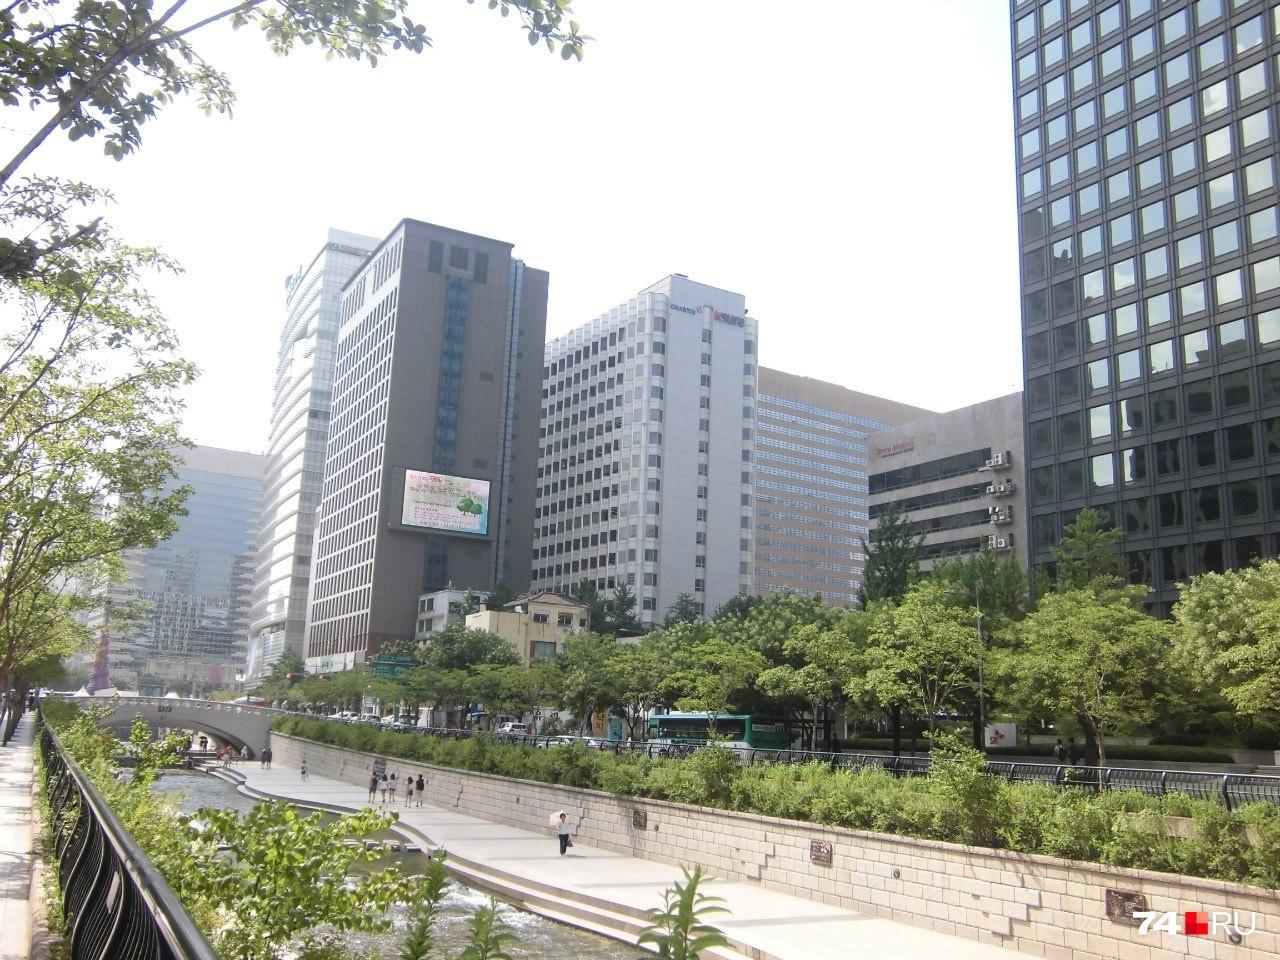 По центру Сеула протекает ручей, а раньше на этом месте была автомагистраль. Корейцы — за экологию